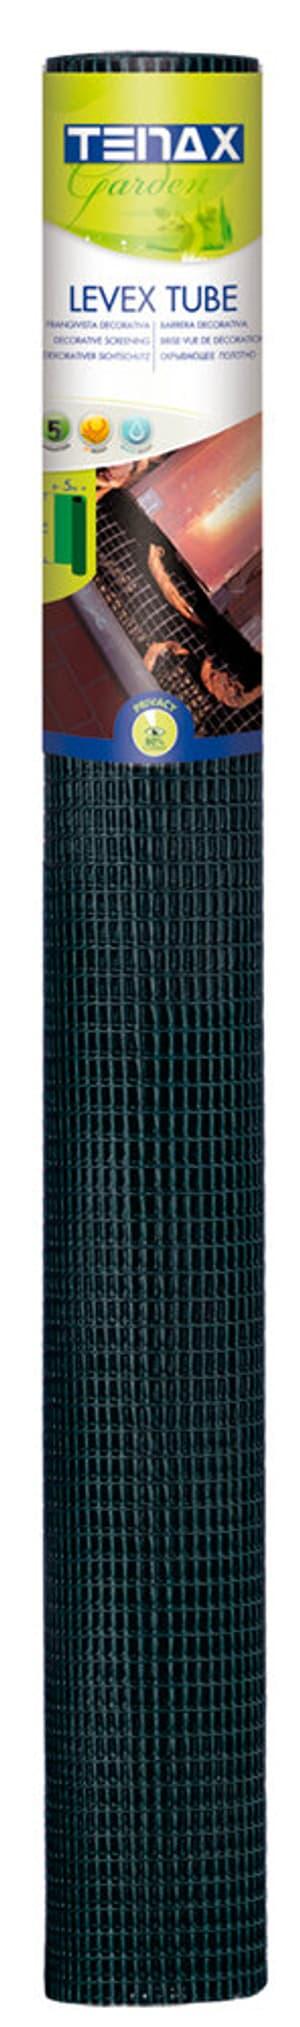 Kunststoffgitter für saubere Dachrinnen LEVEX TUBE